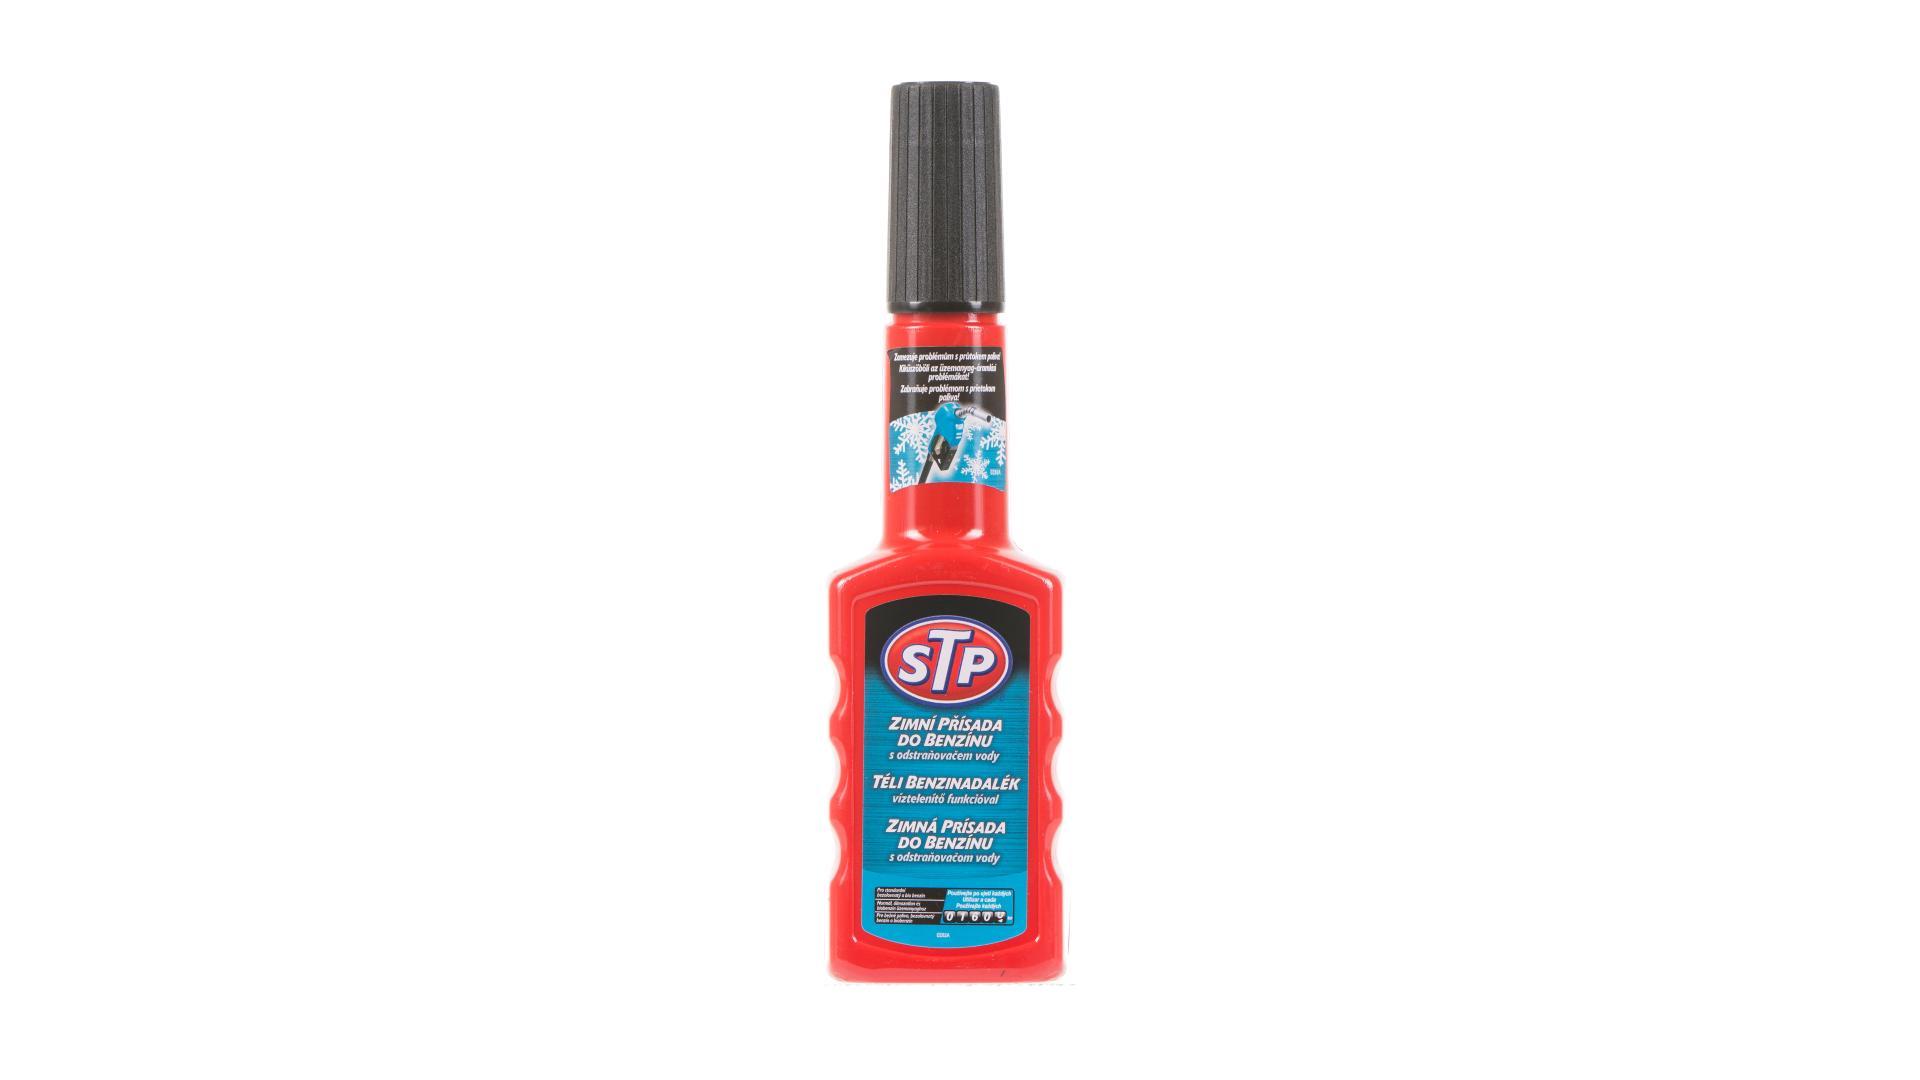 STP Zimné aditívum do benzínových motorov 200ml